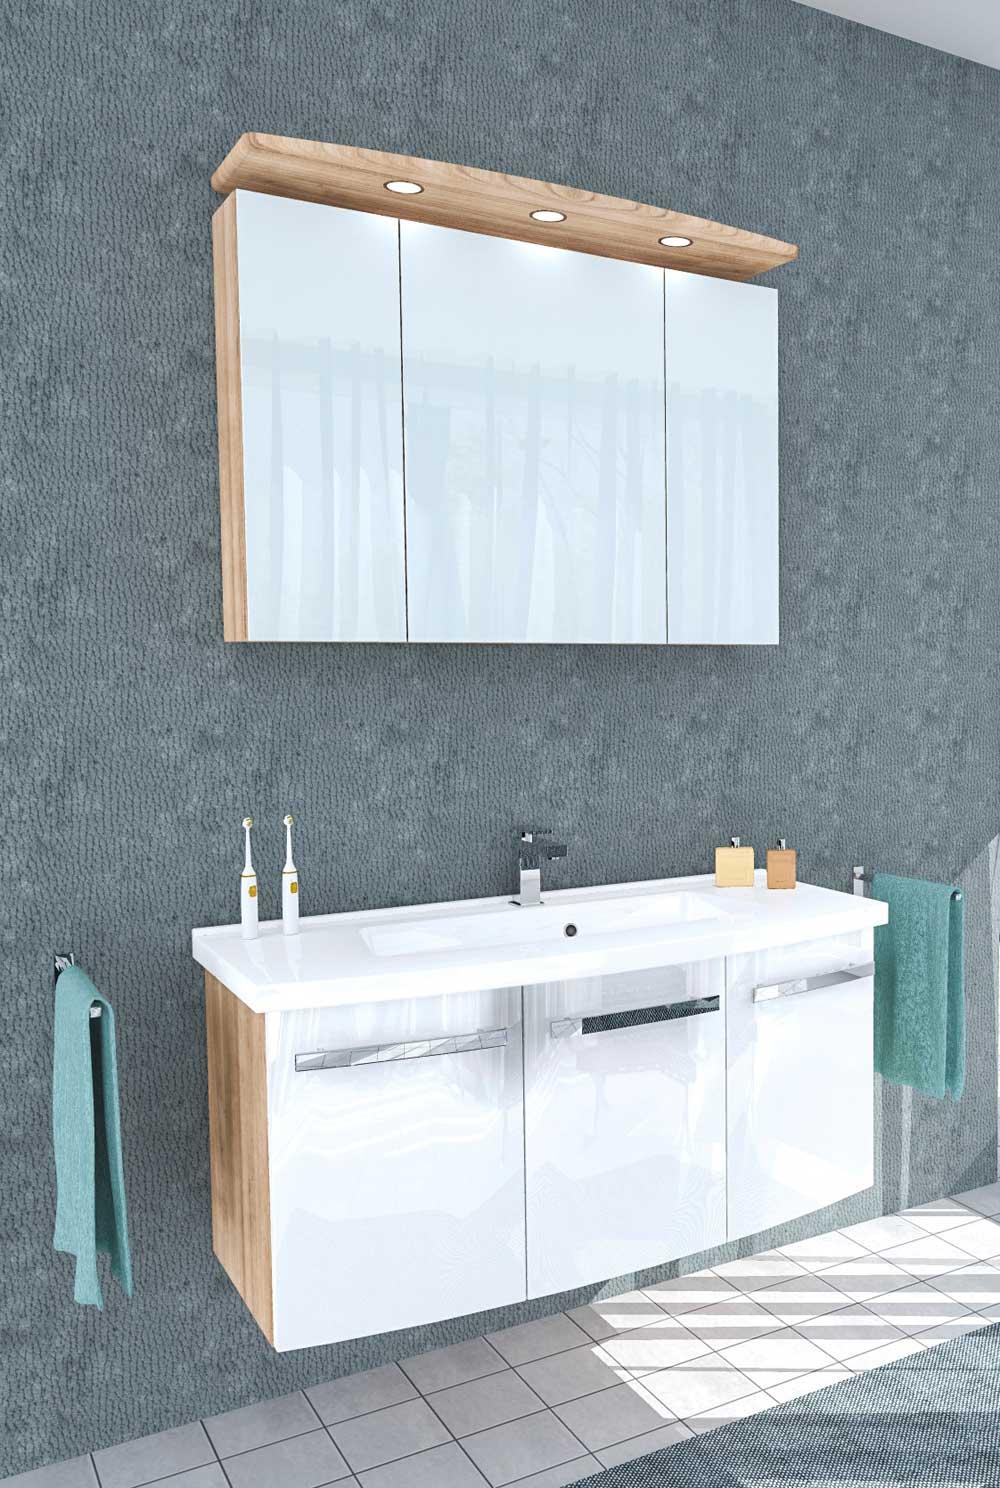 waschplatz lisa noce mit 3d spiegelschrank waschtischunterbau und mineralgussbecken badm bel. Black Bedroom Furniture Sets. Home Design Ideas